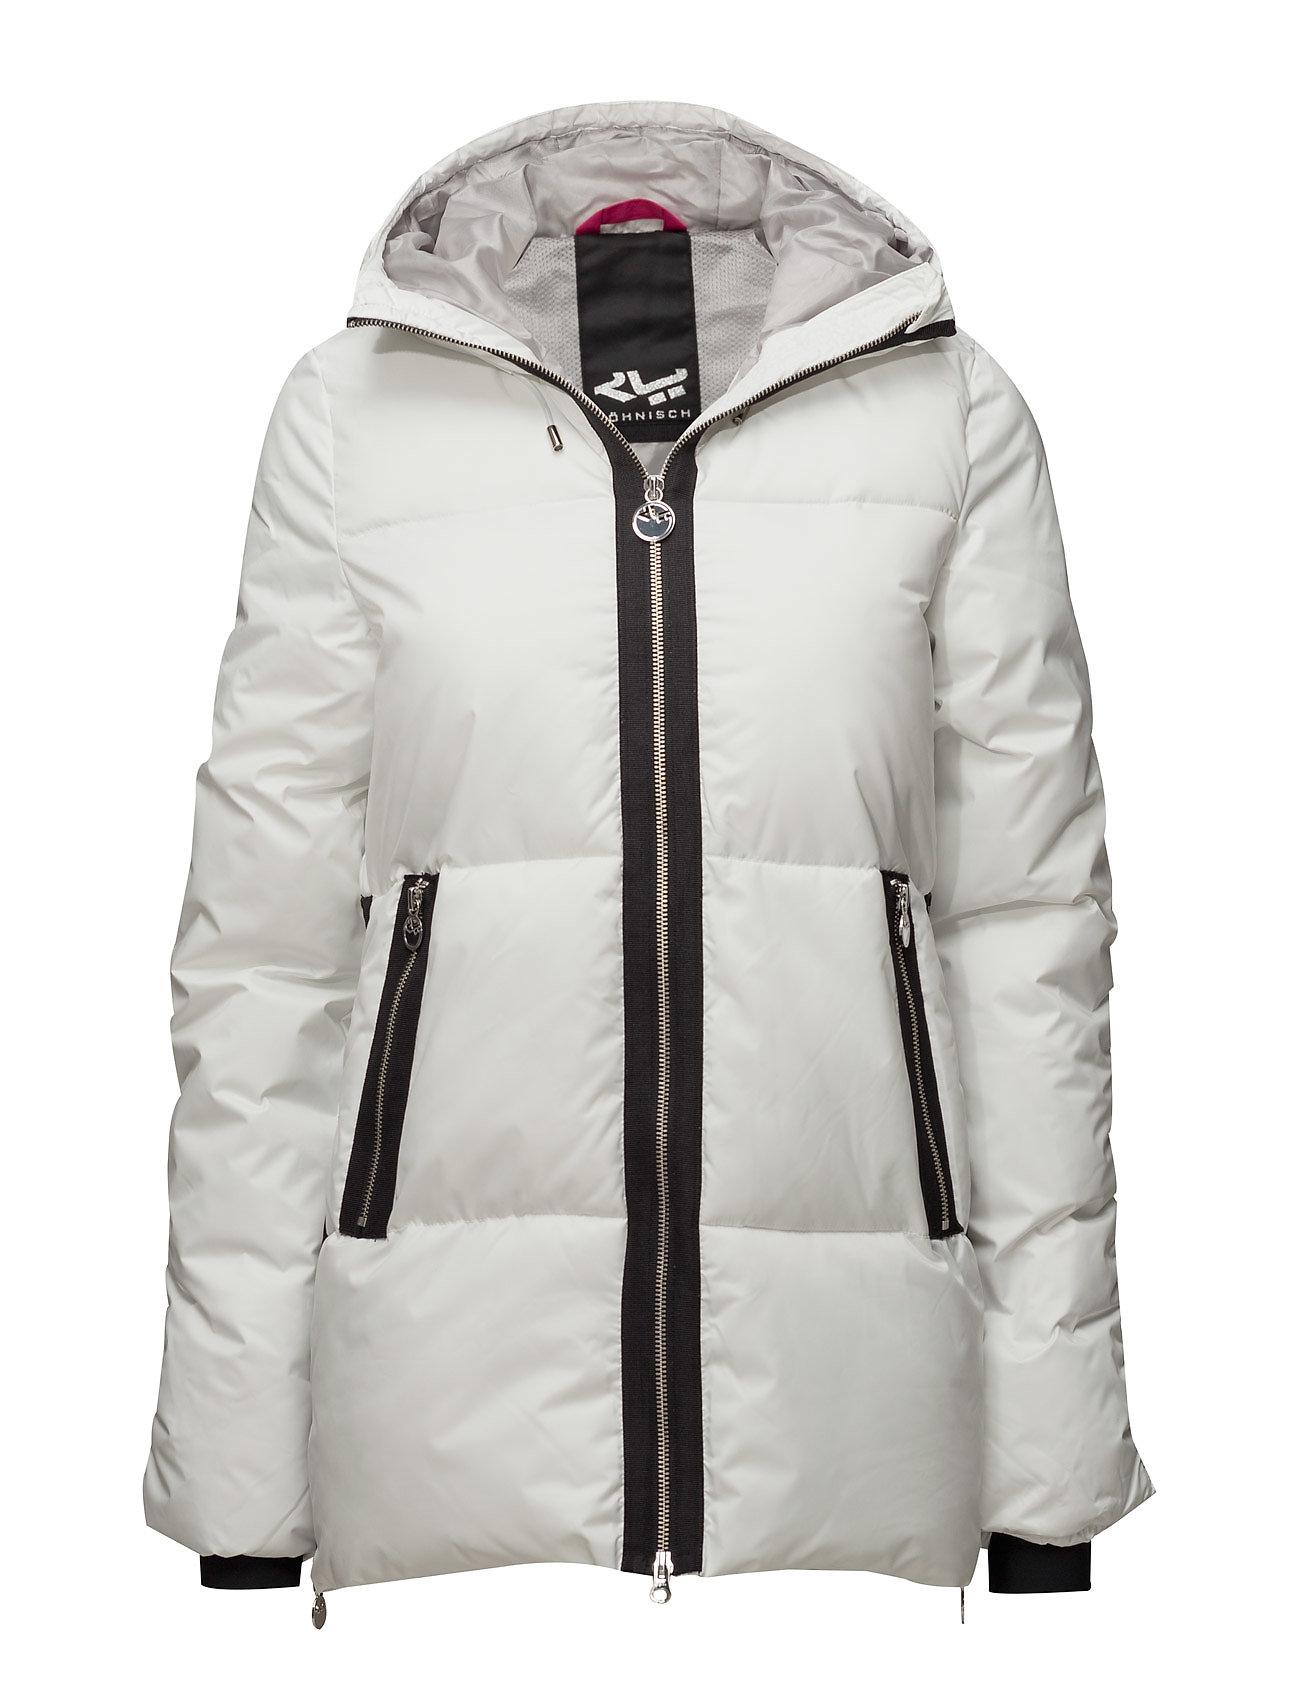 rã¶hnisch Active jacket på boozt.com dk